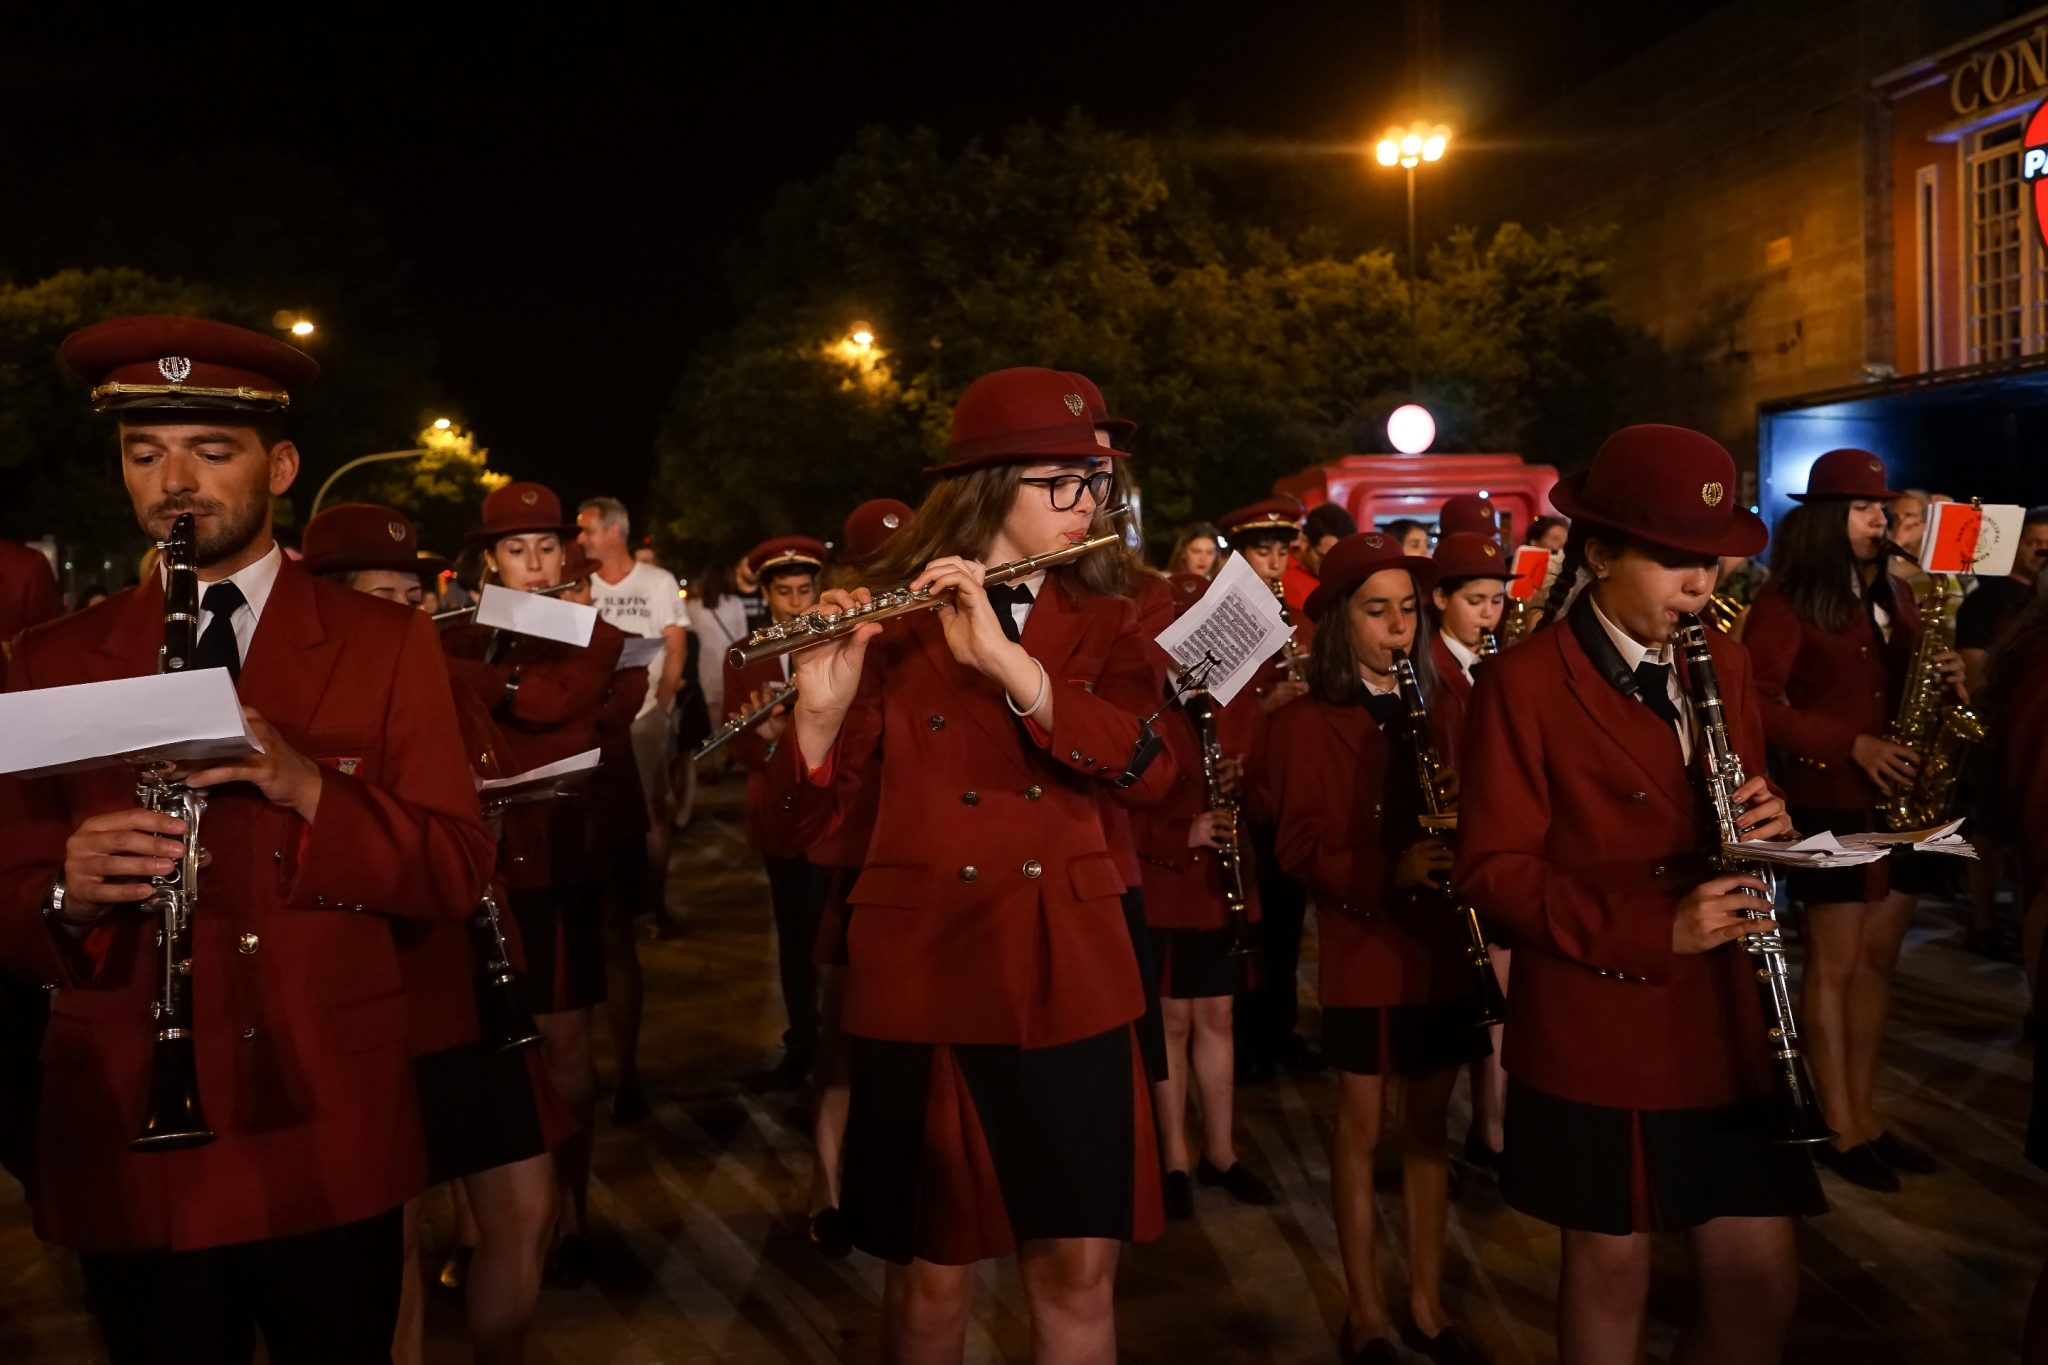 De frente para o observador, elementos de uma banda filarmónica com farda vermelha escura tocam instrumentos de sopro à noite na Praça dos Restauradores.